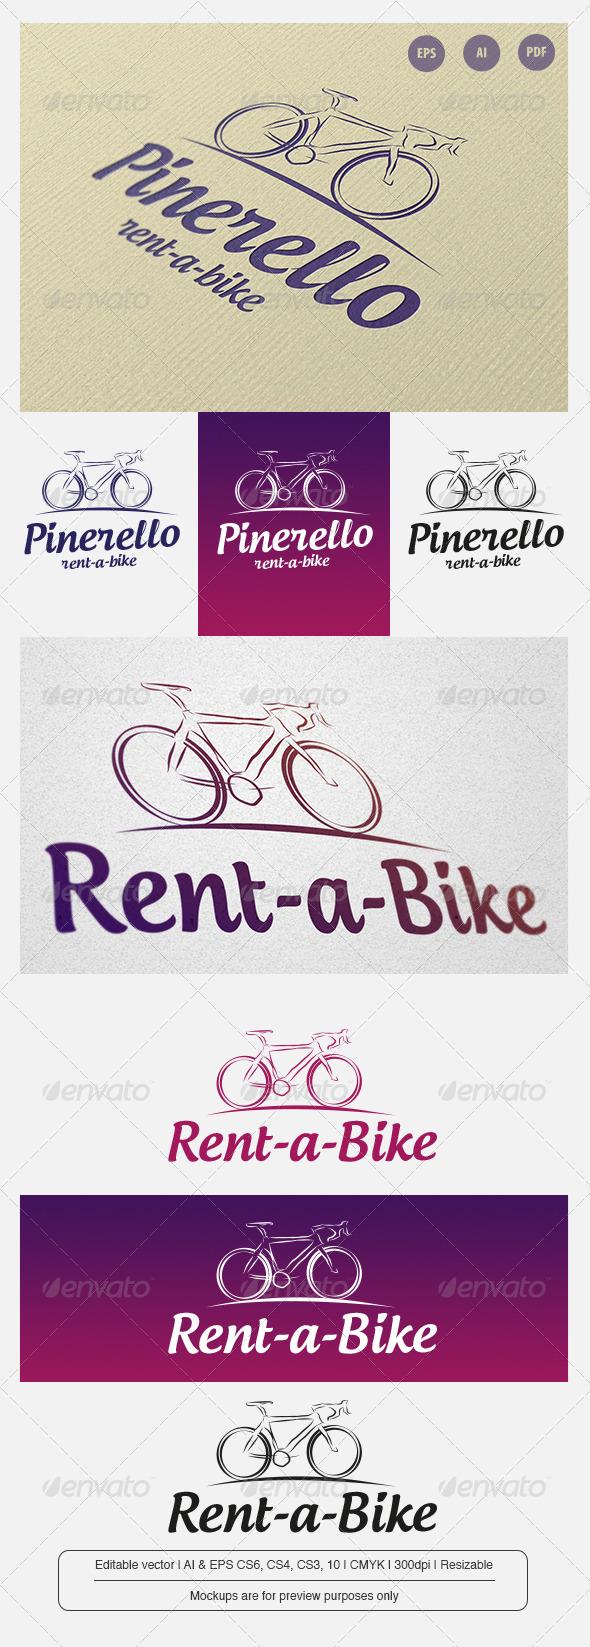 GraphicRiver Pinerello Rent a Bike 6854100